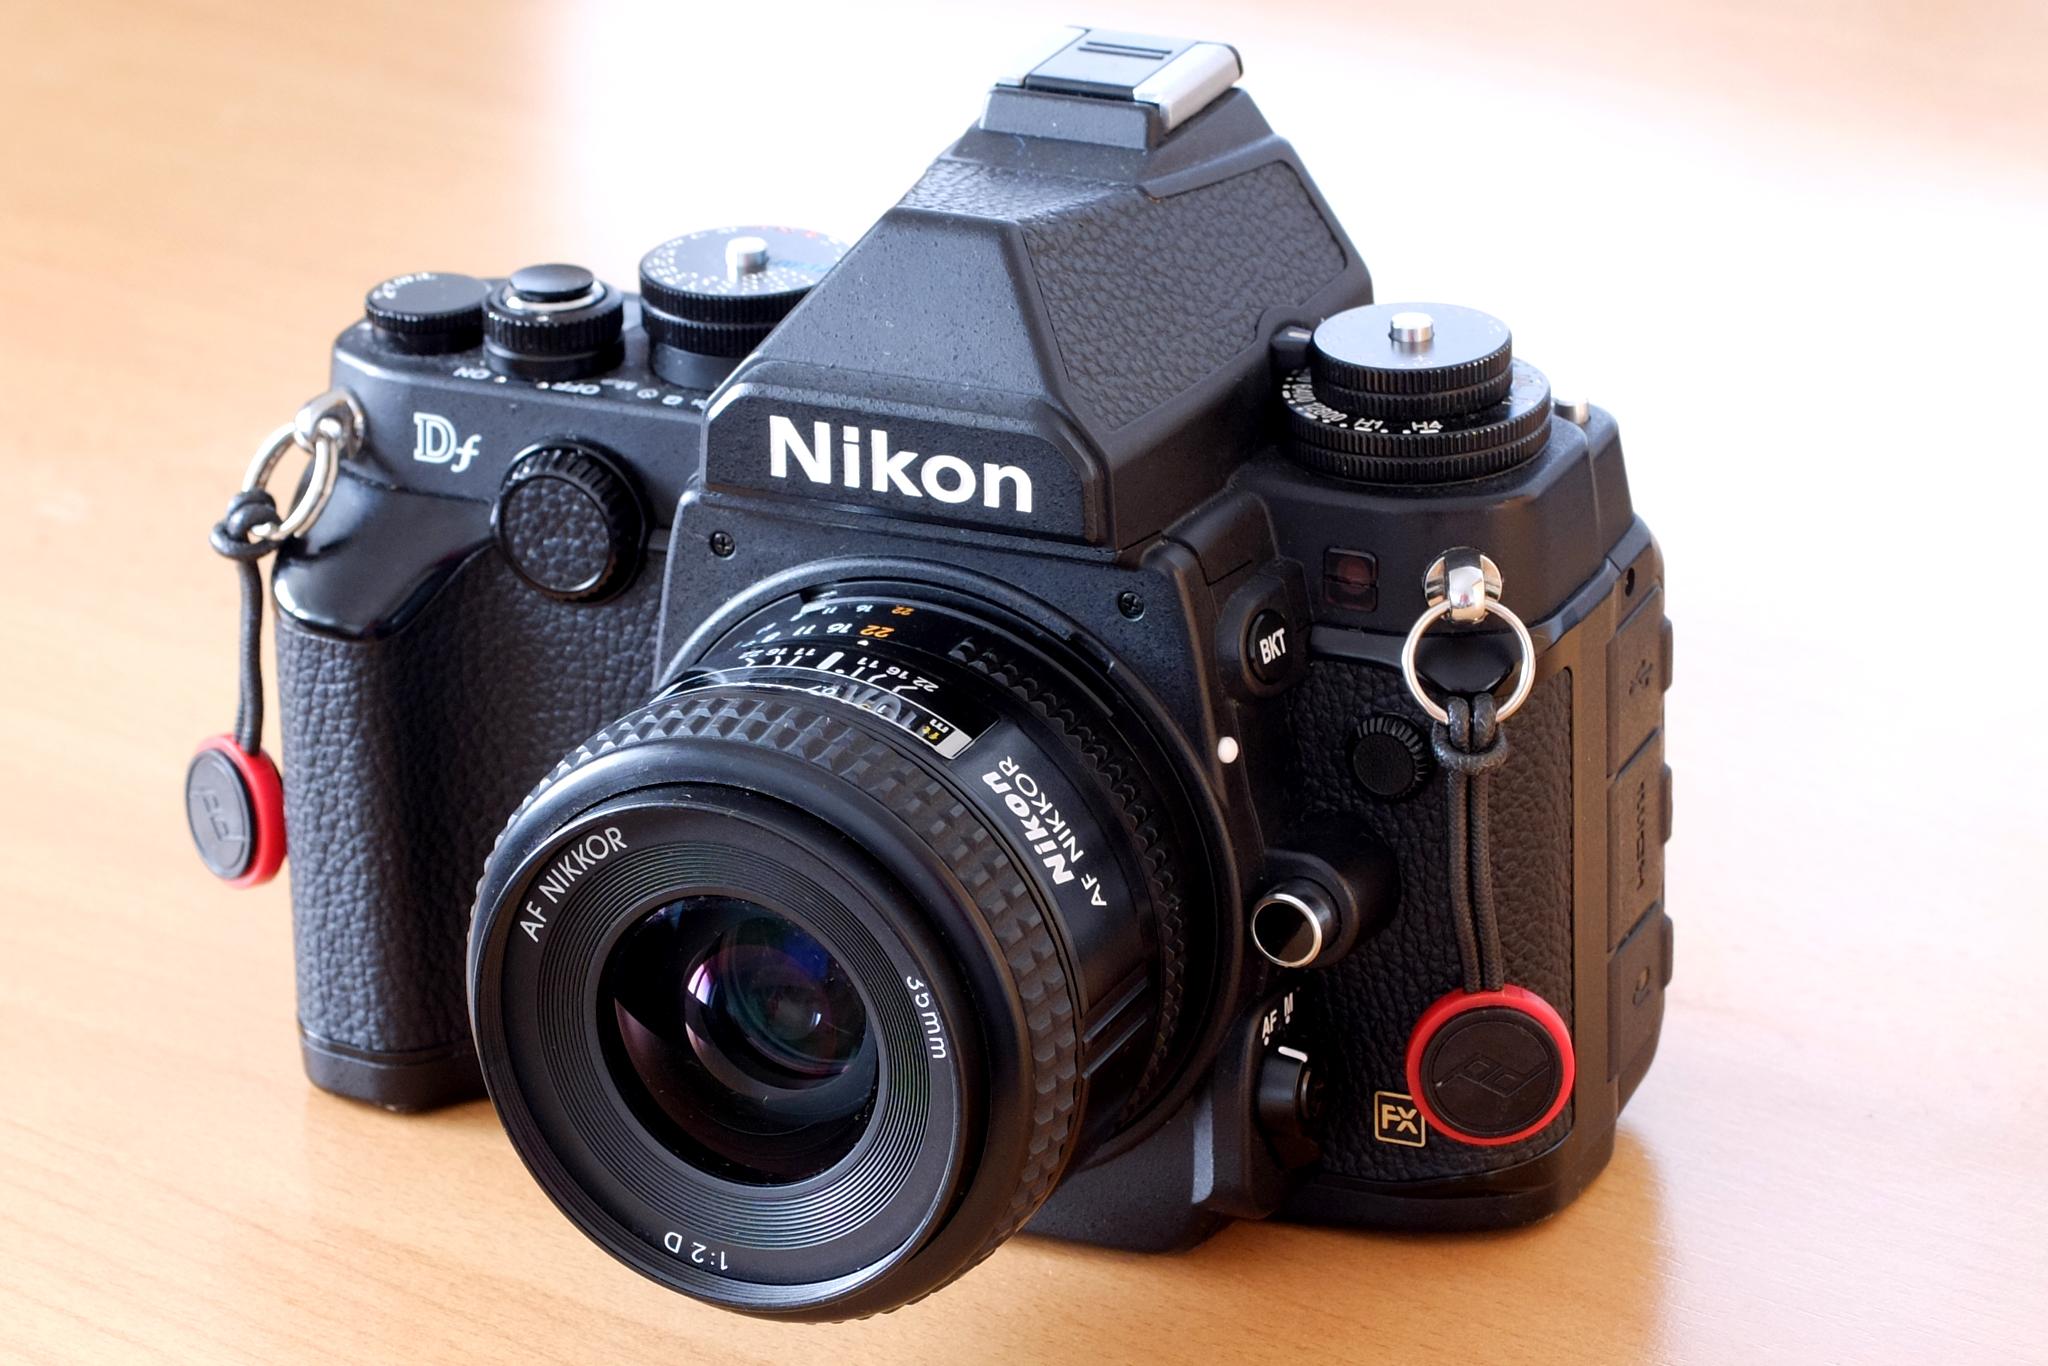 AF Nikkor 35 mm F2D na těle Nikon Df